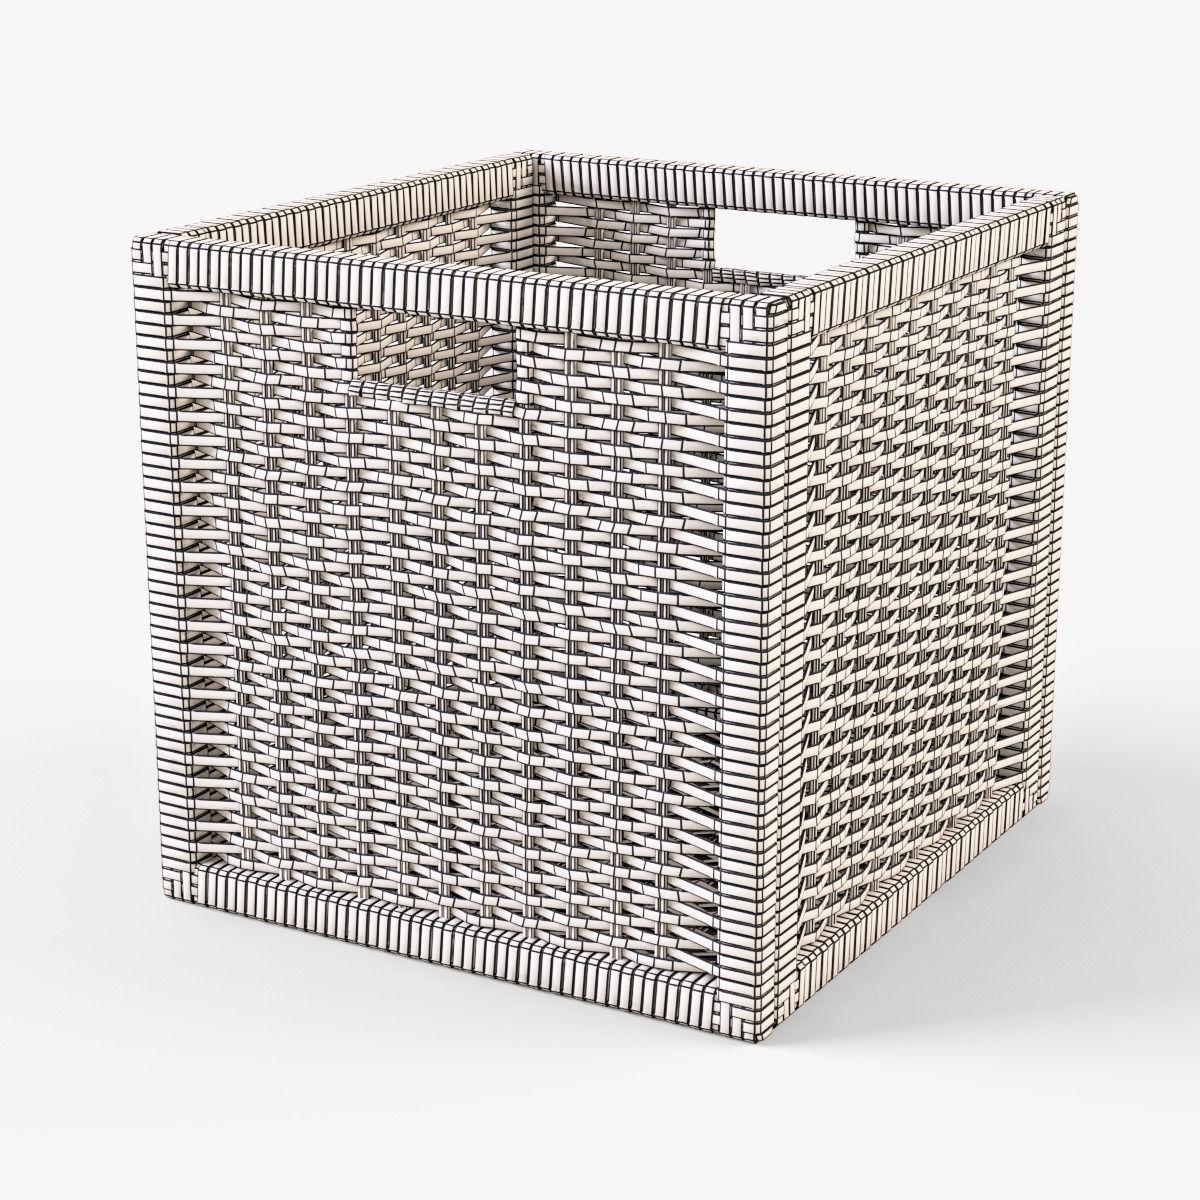 wicker rattan basket 07 black 3d model max obj fbx mtl 6